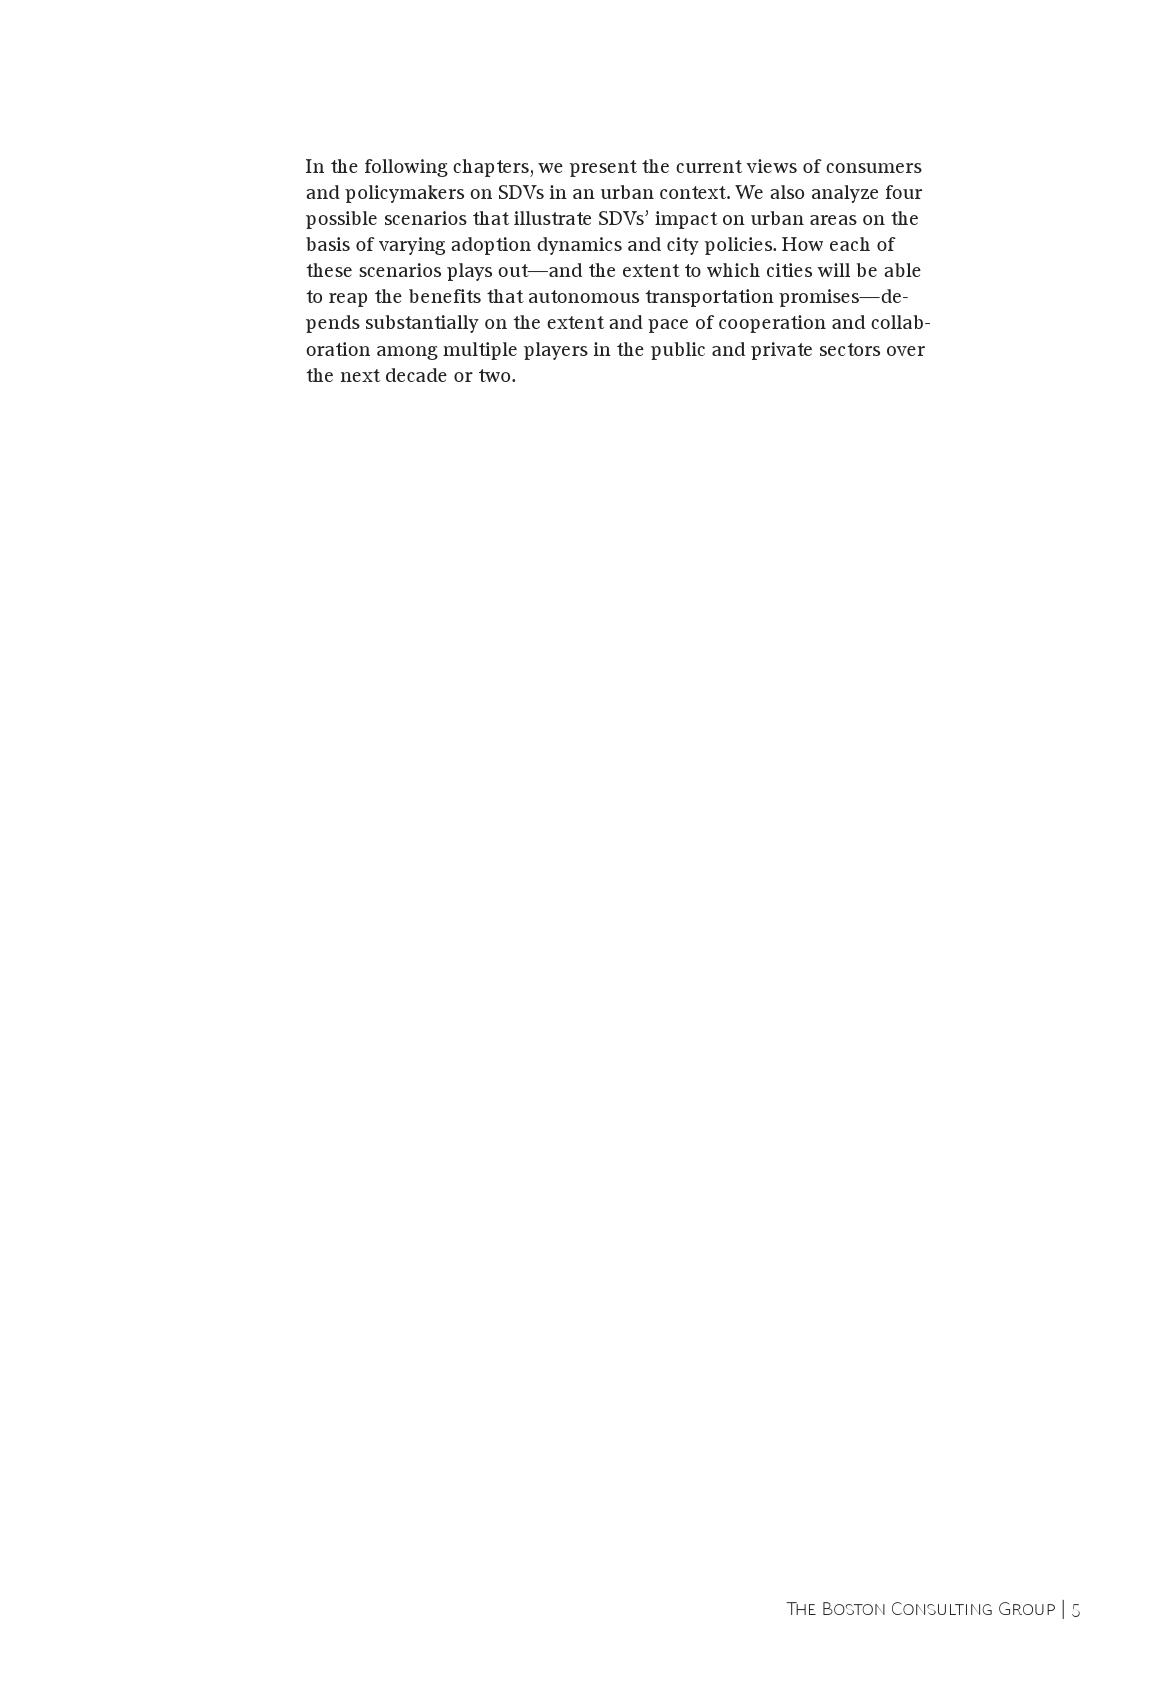 自动驾驶与城市交通革命_000007